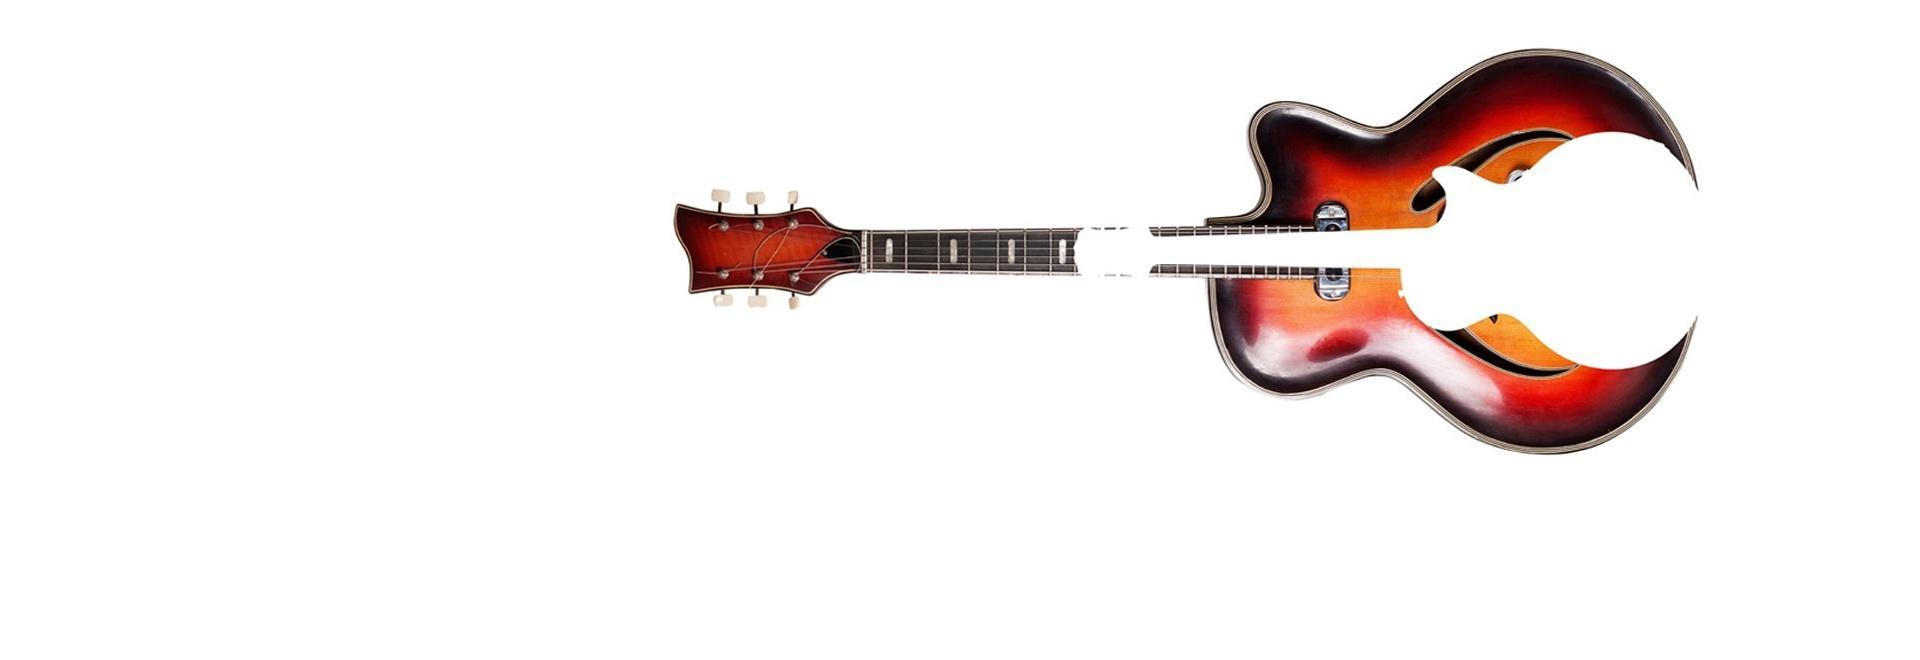 Lezioni di tecnica di chitarra acustica con Milos e Jon Gomm